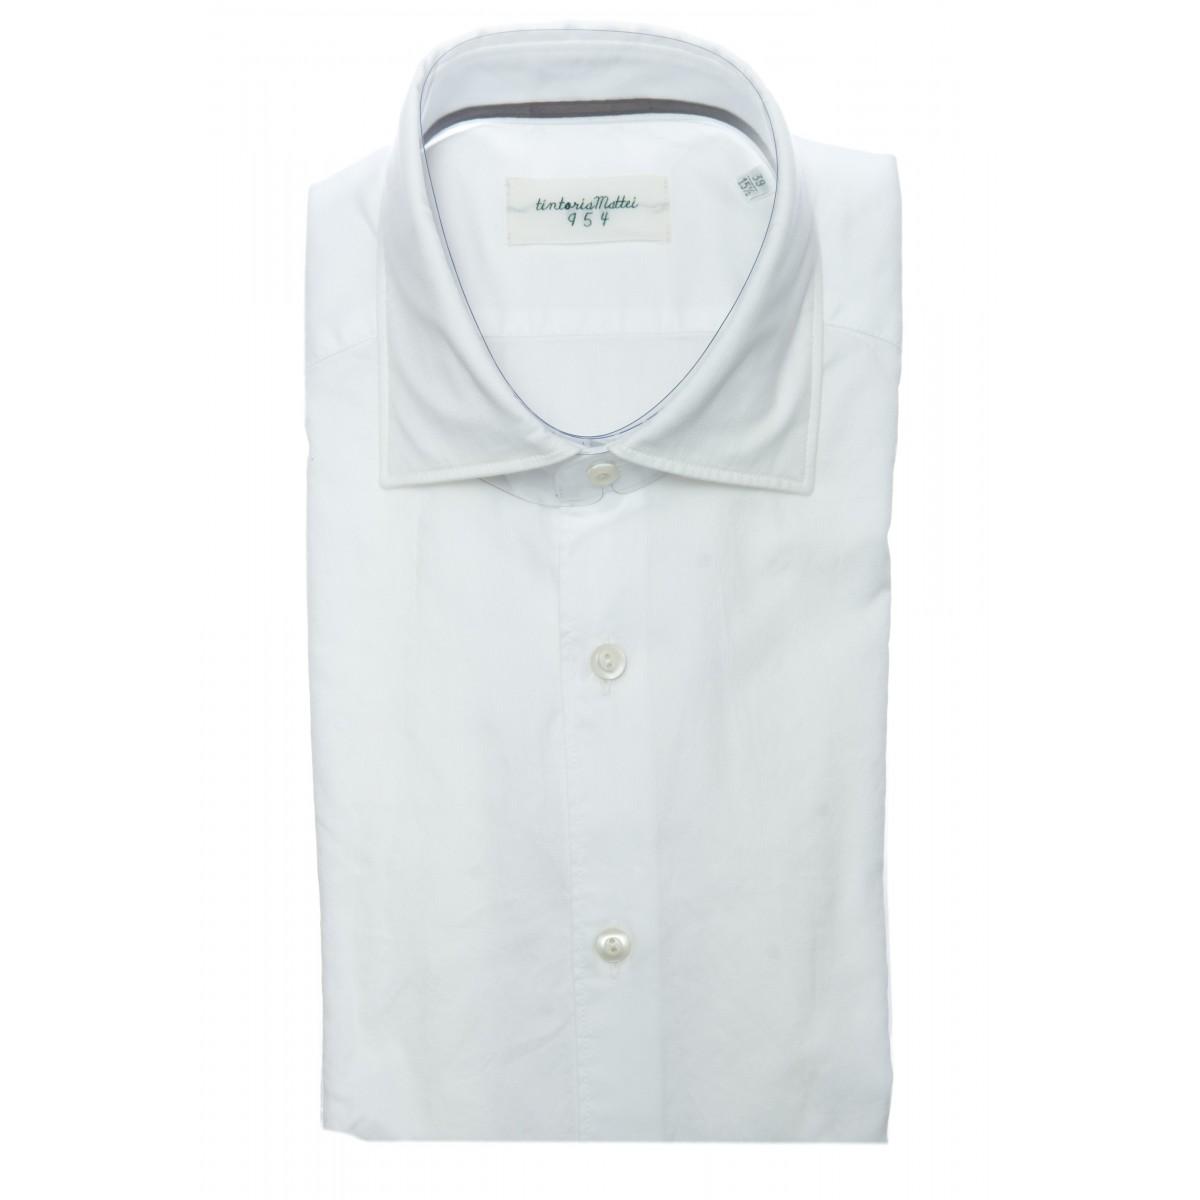 Camicia uomo - Pao njw oxford